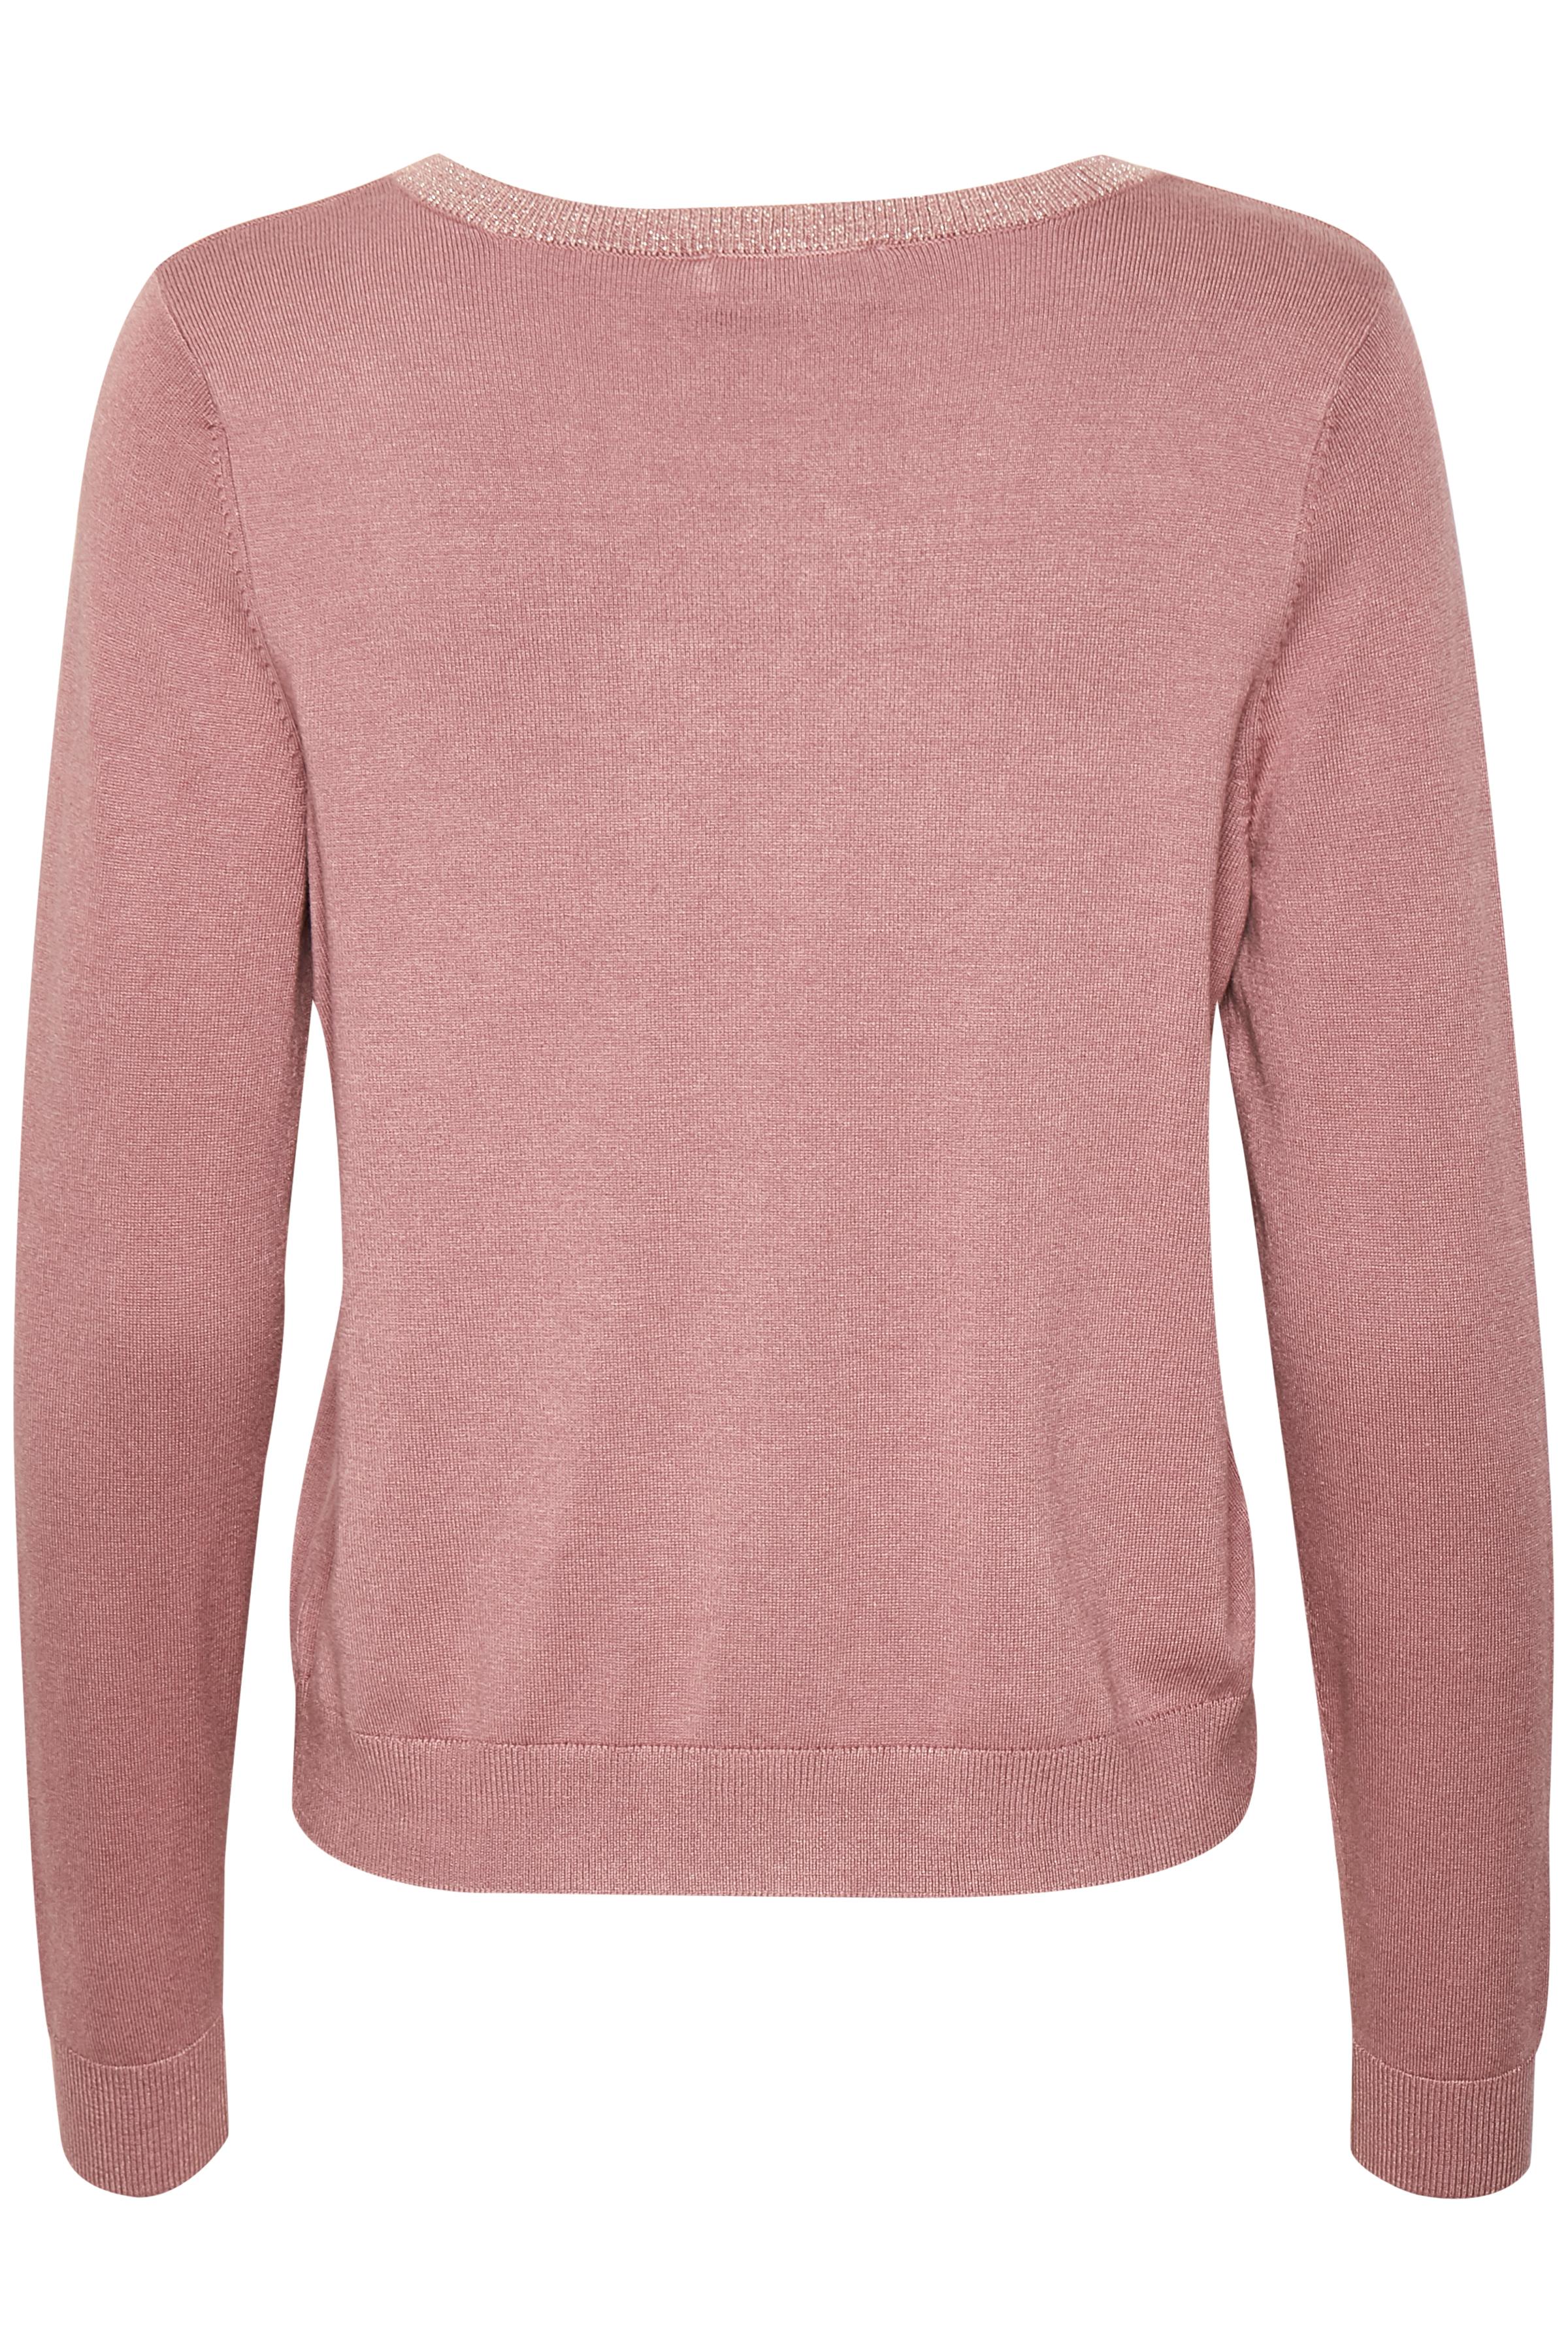 Støvet rosa Cardigan fra Cream – Køb Støvet rosa Cardigan fra str. XS-XXL her